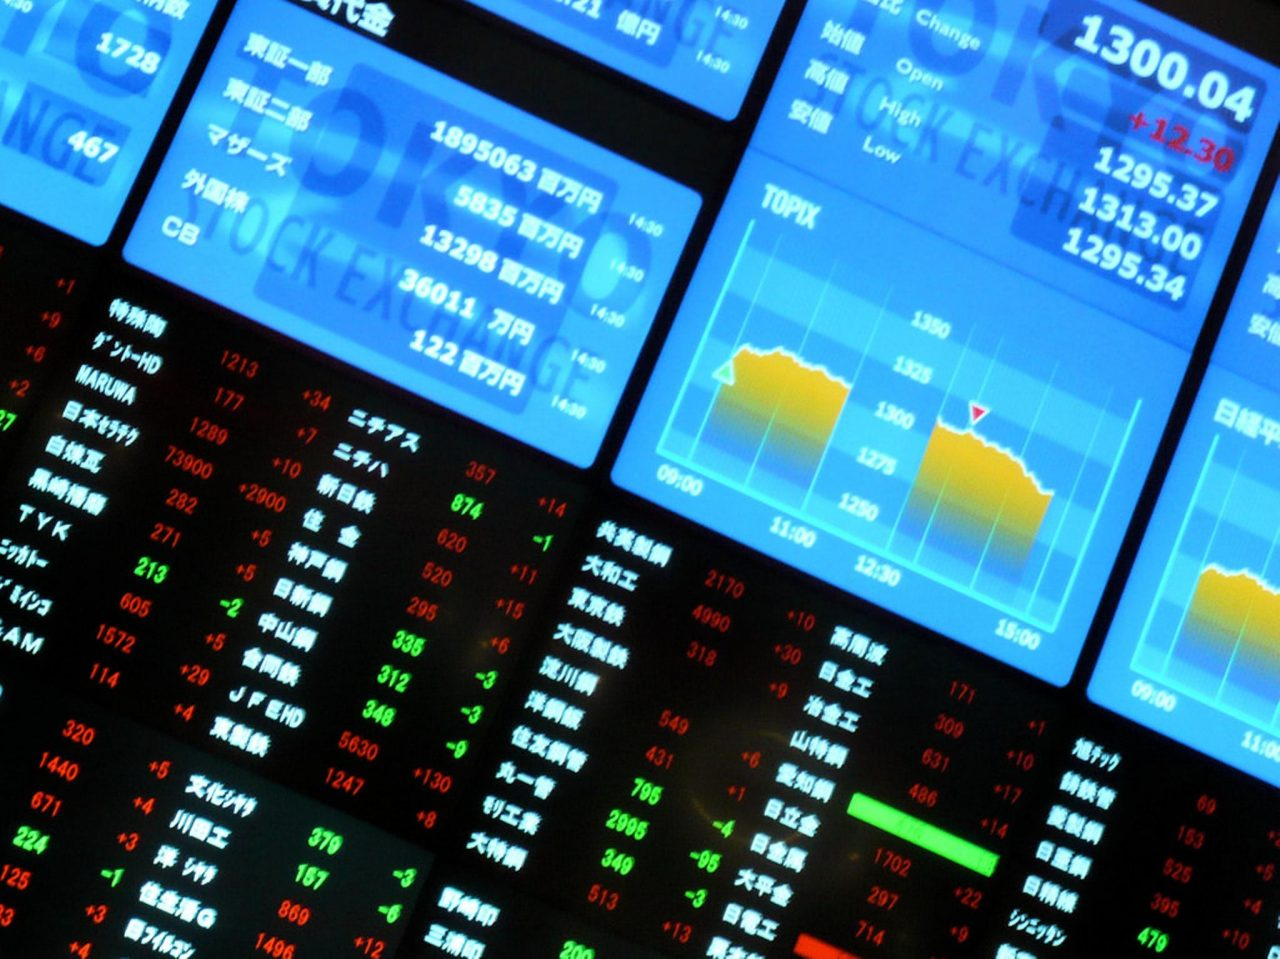 BMV se alinea con Wall Street: caen tras cinco sesiones en alza